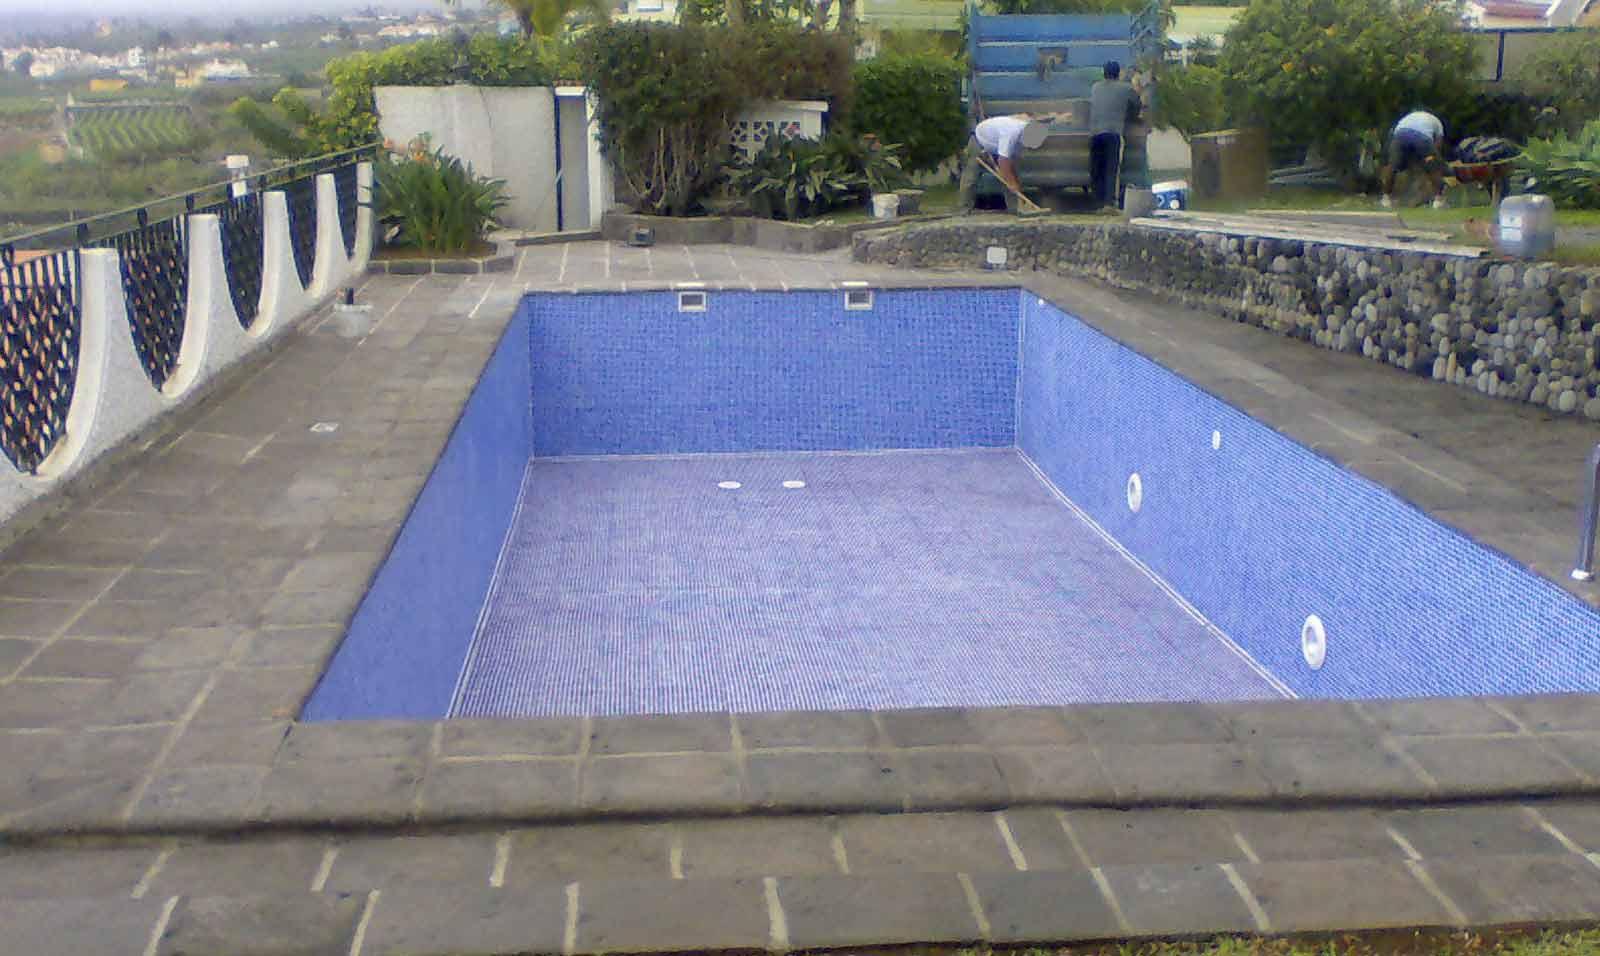 Piscinas puerto de la cruz cool photos with piscinas for Piscina municipal puerto de la cruz